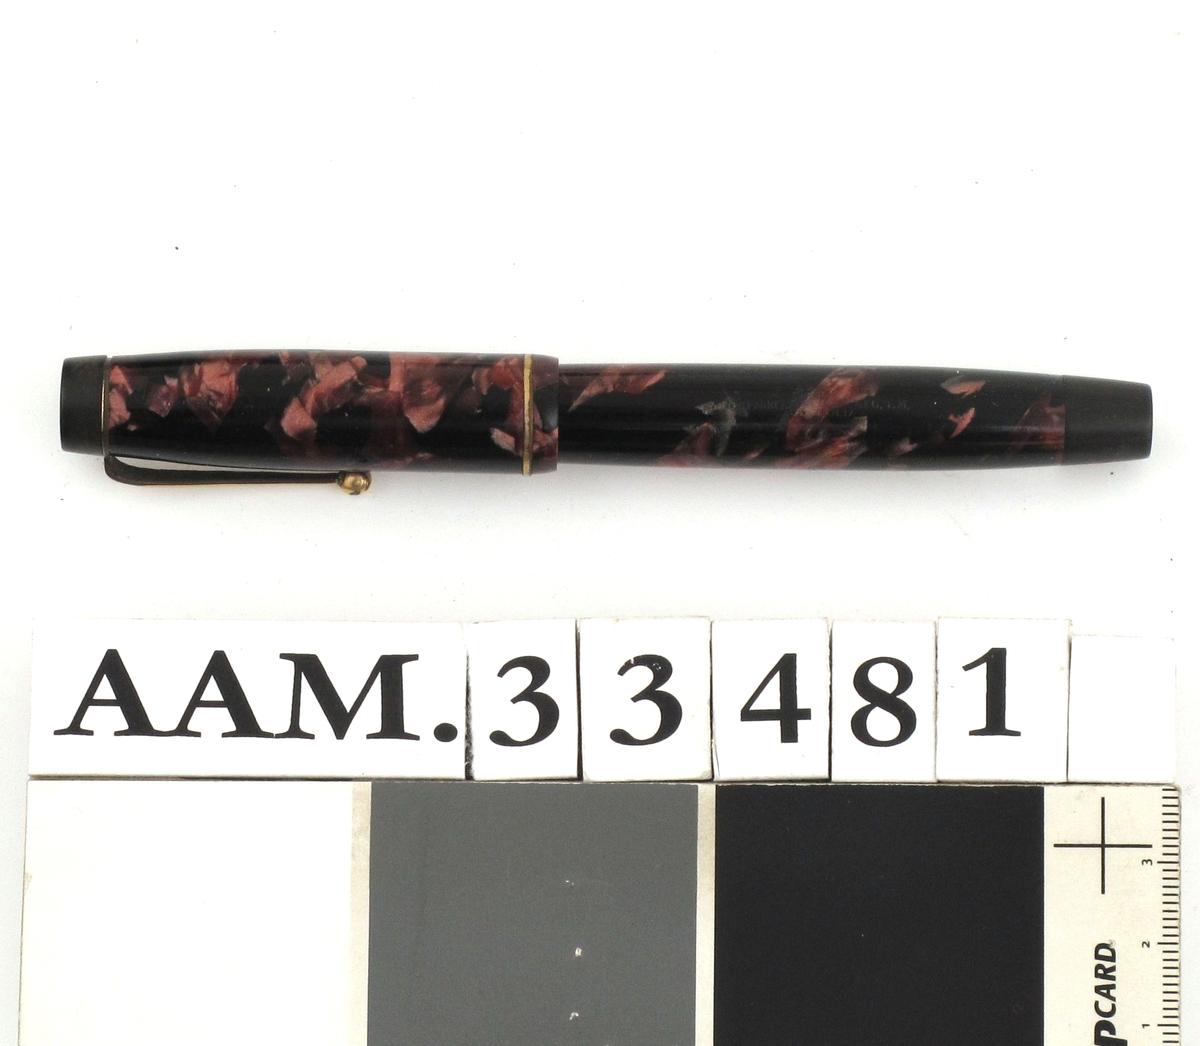 Fyllepenn, sort med mønster i rosavalører. Pennen inneholder en beholder og blekk suges opp i beholderen fra et blekkhus.